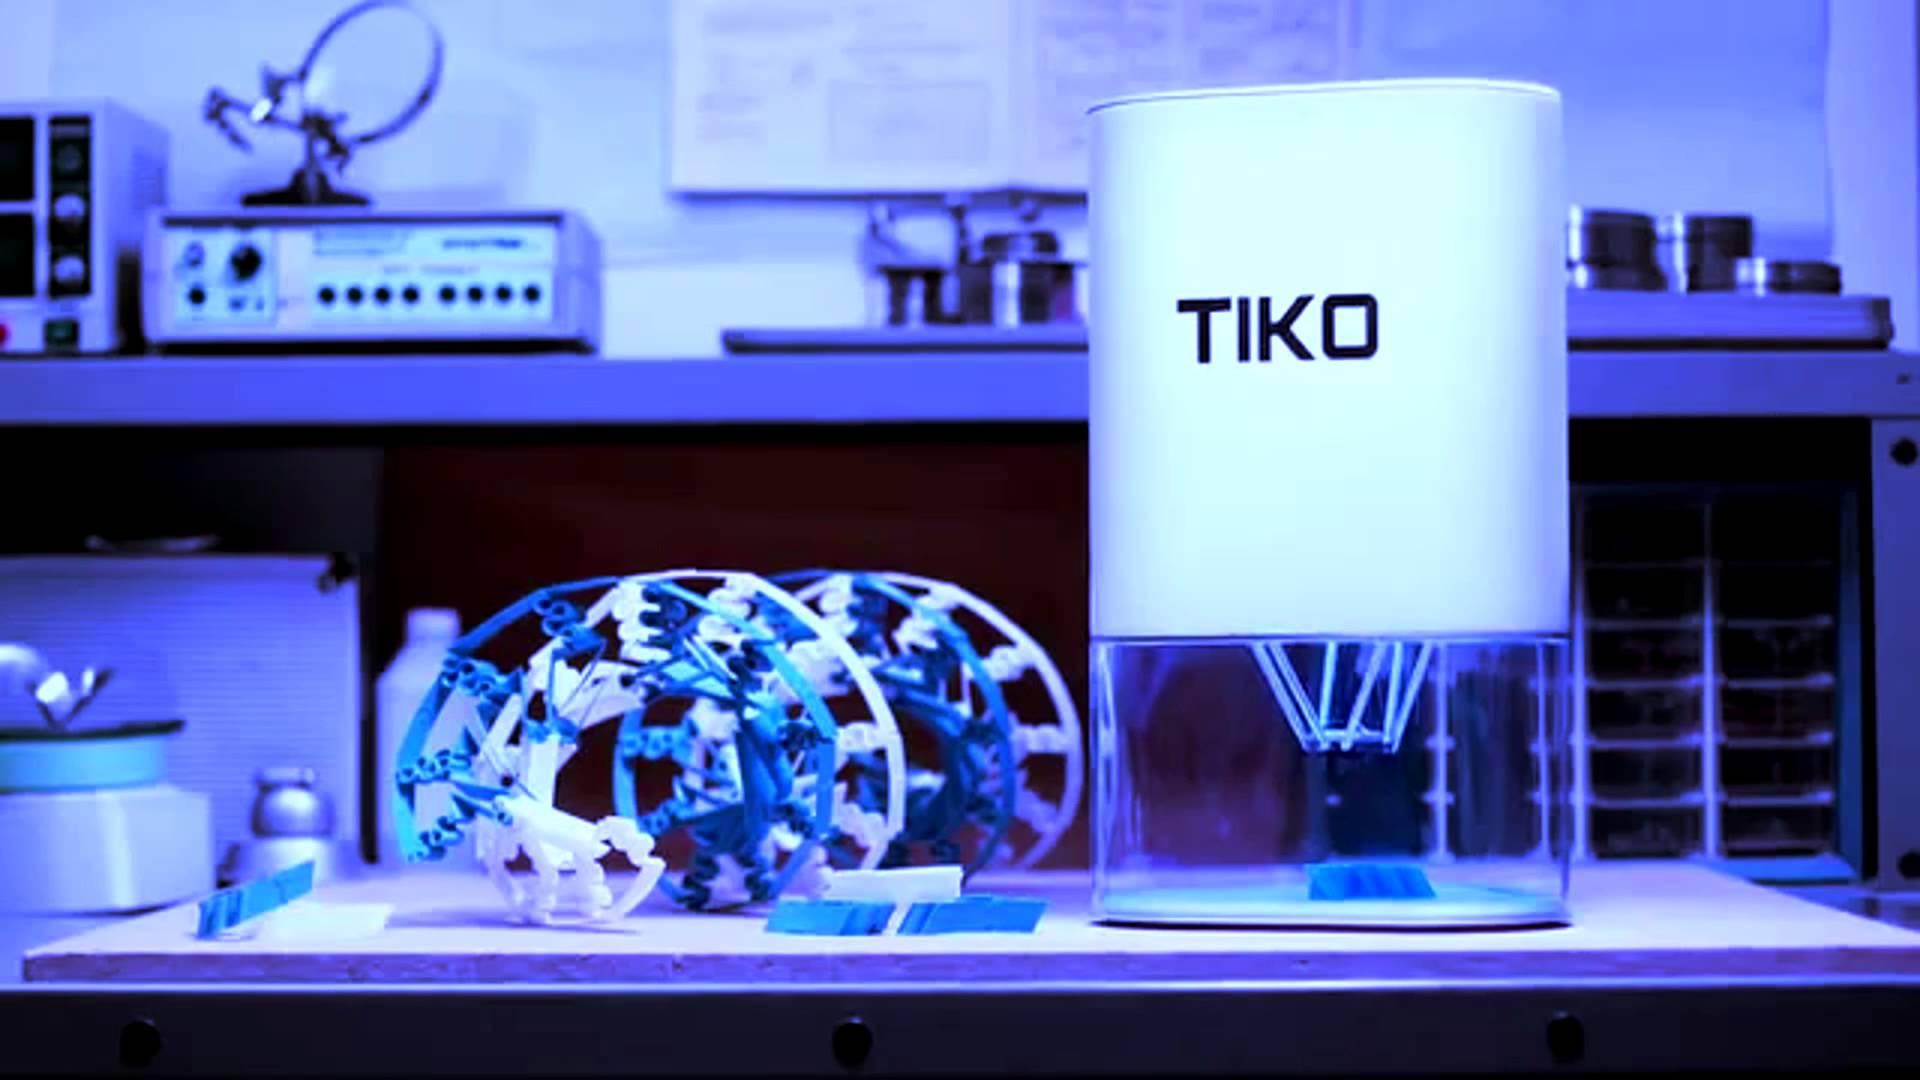 Tiko impressora 3D para ter em casa Pedro Topete Apple Blog Portugal